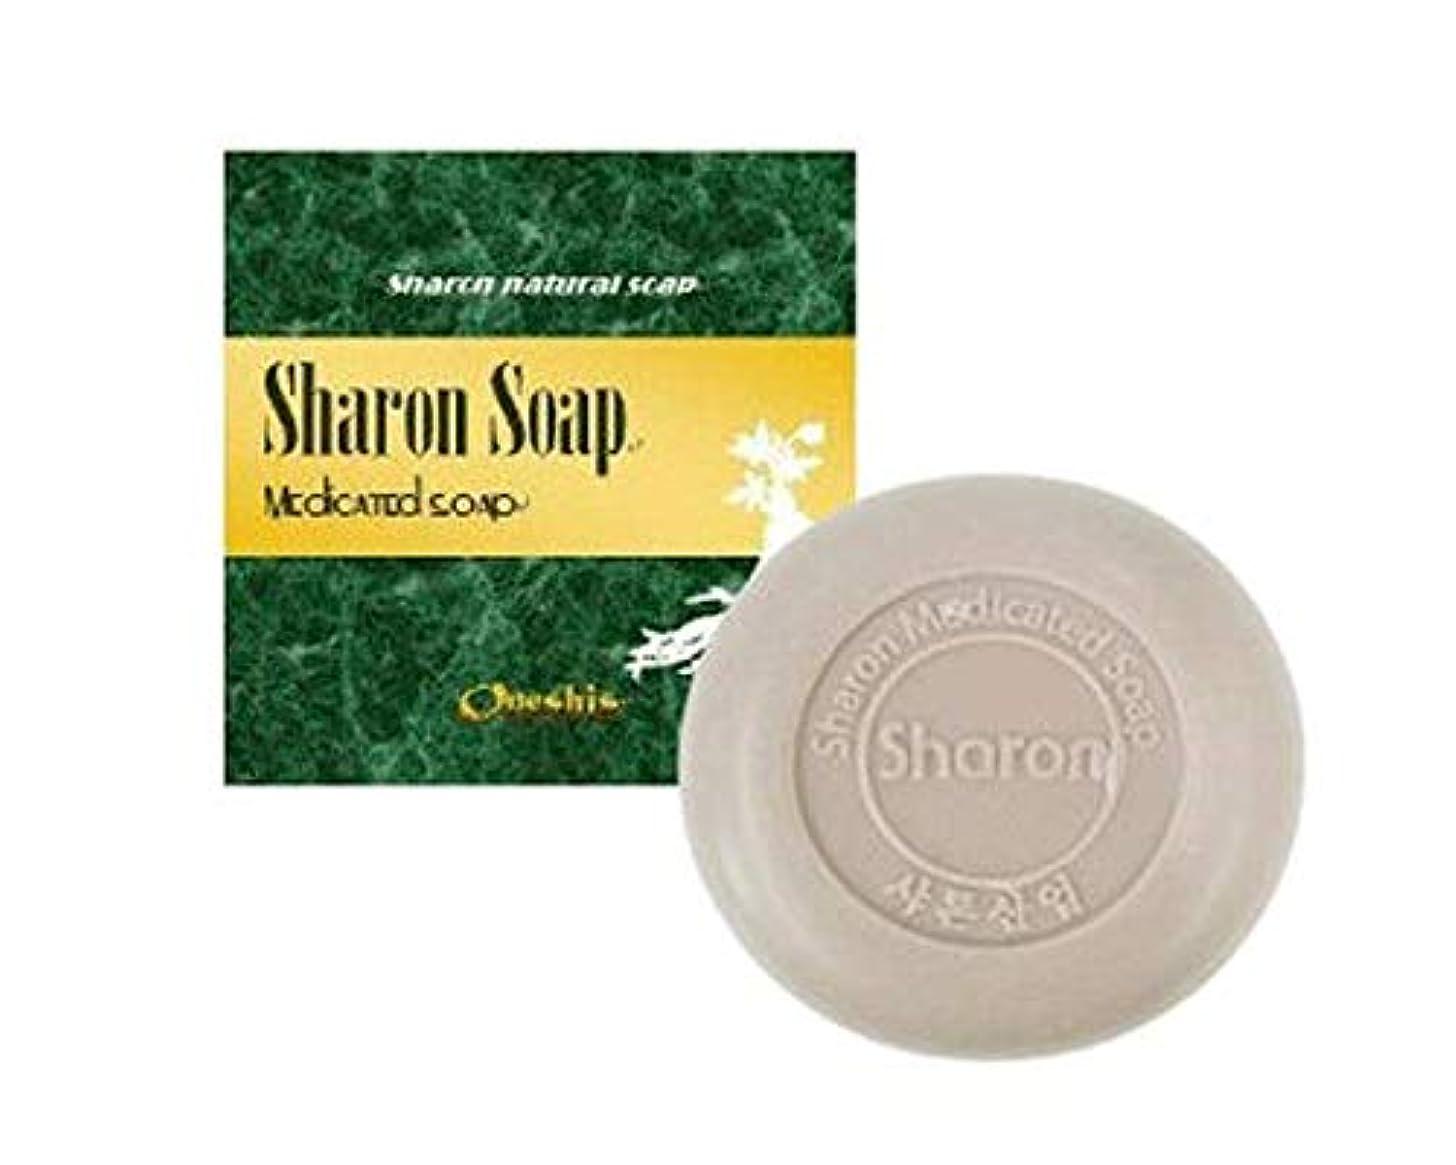 平行ひらめき退院Sharon Soap シャロンナチュラルソープ 天然由来植物成分 美肌石鹸